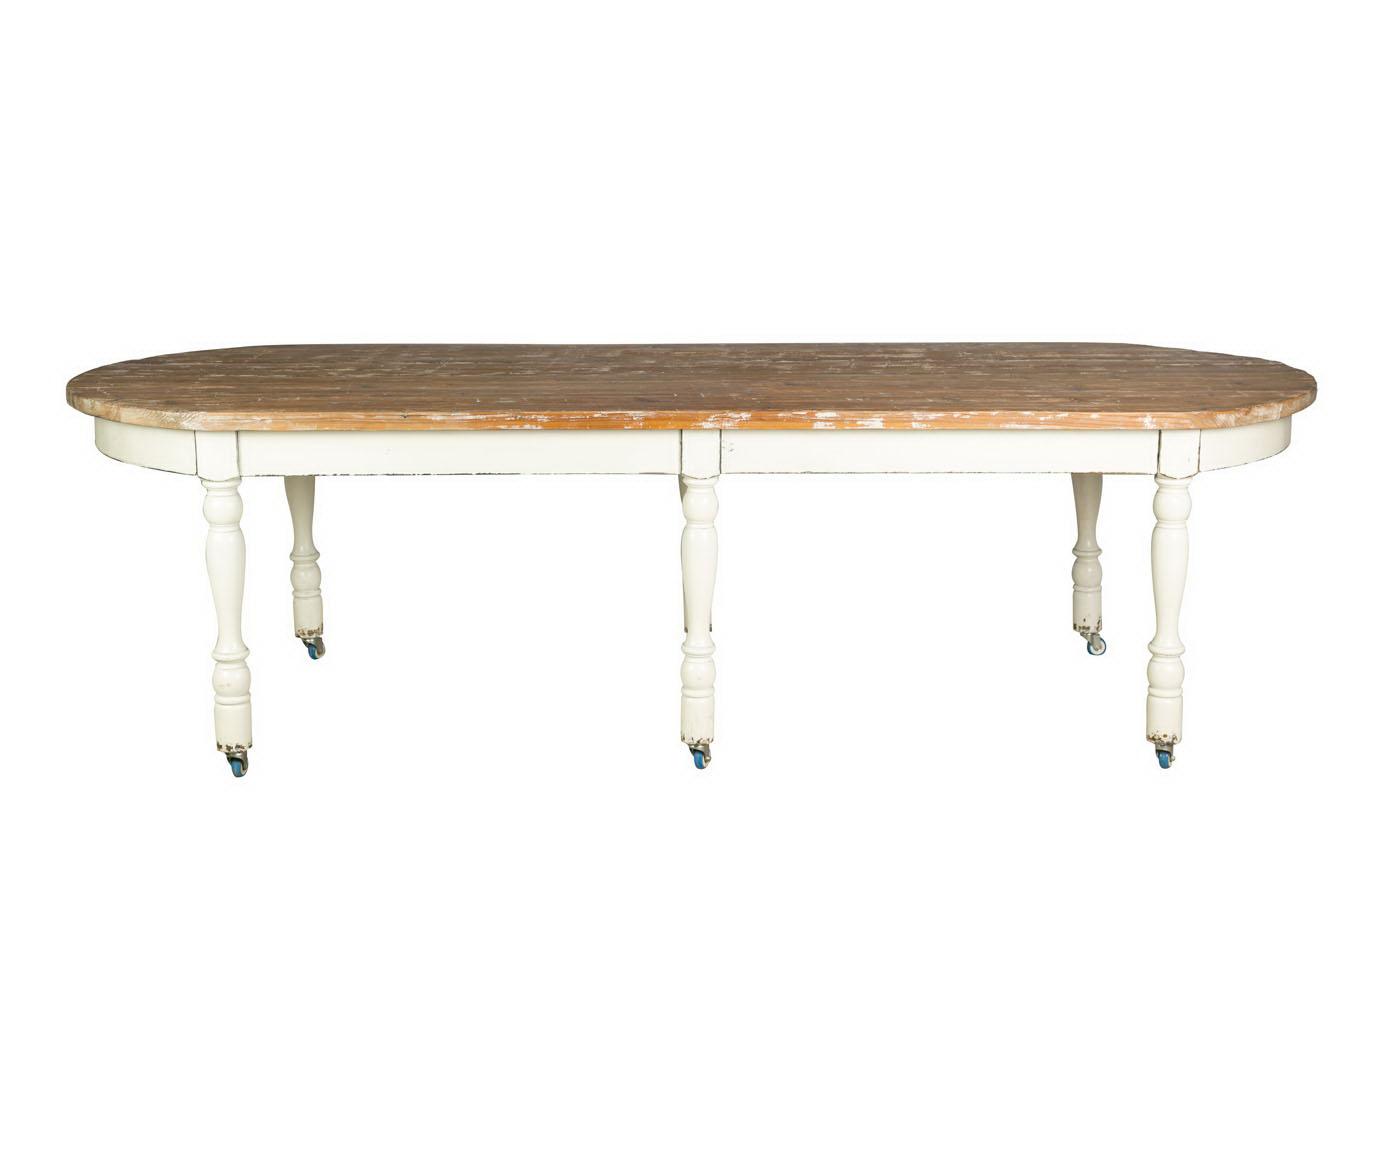 Стол обеденныйОбеденные столы<br><br><br>Material: Дерево<br>Width см: 270<br>Depth см: 110<br>Height см: 78